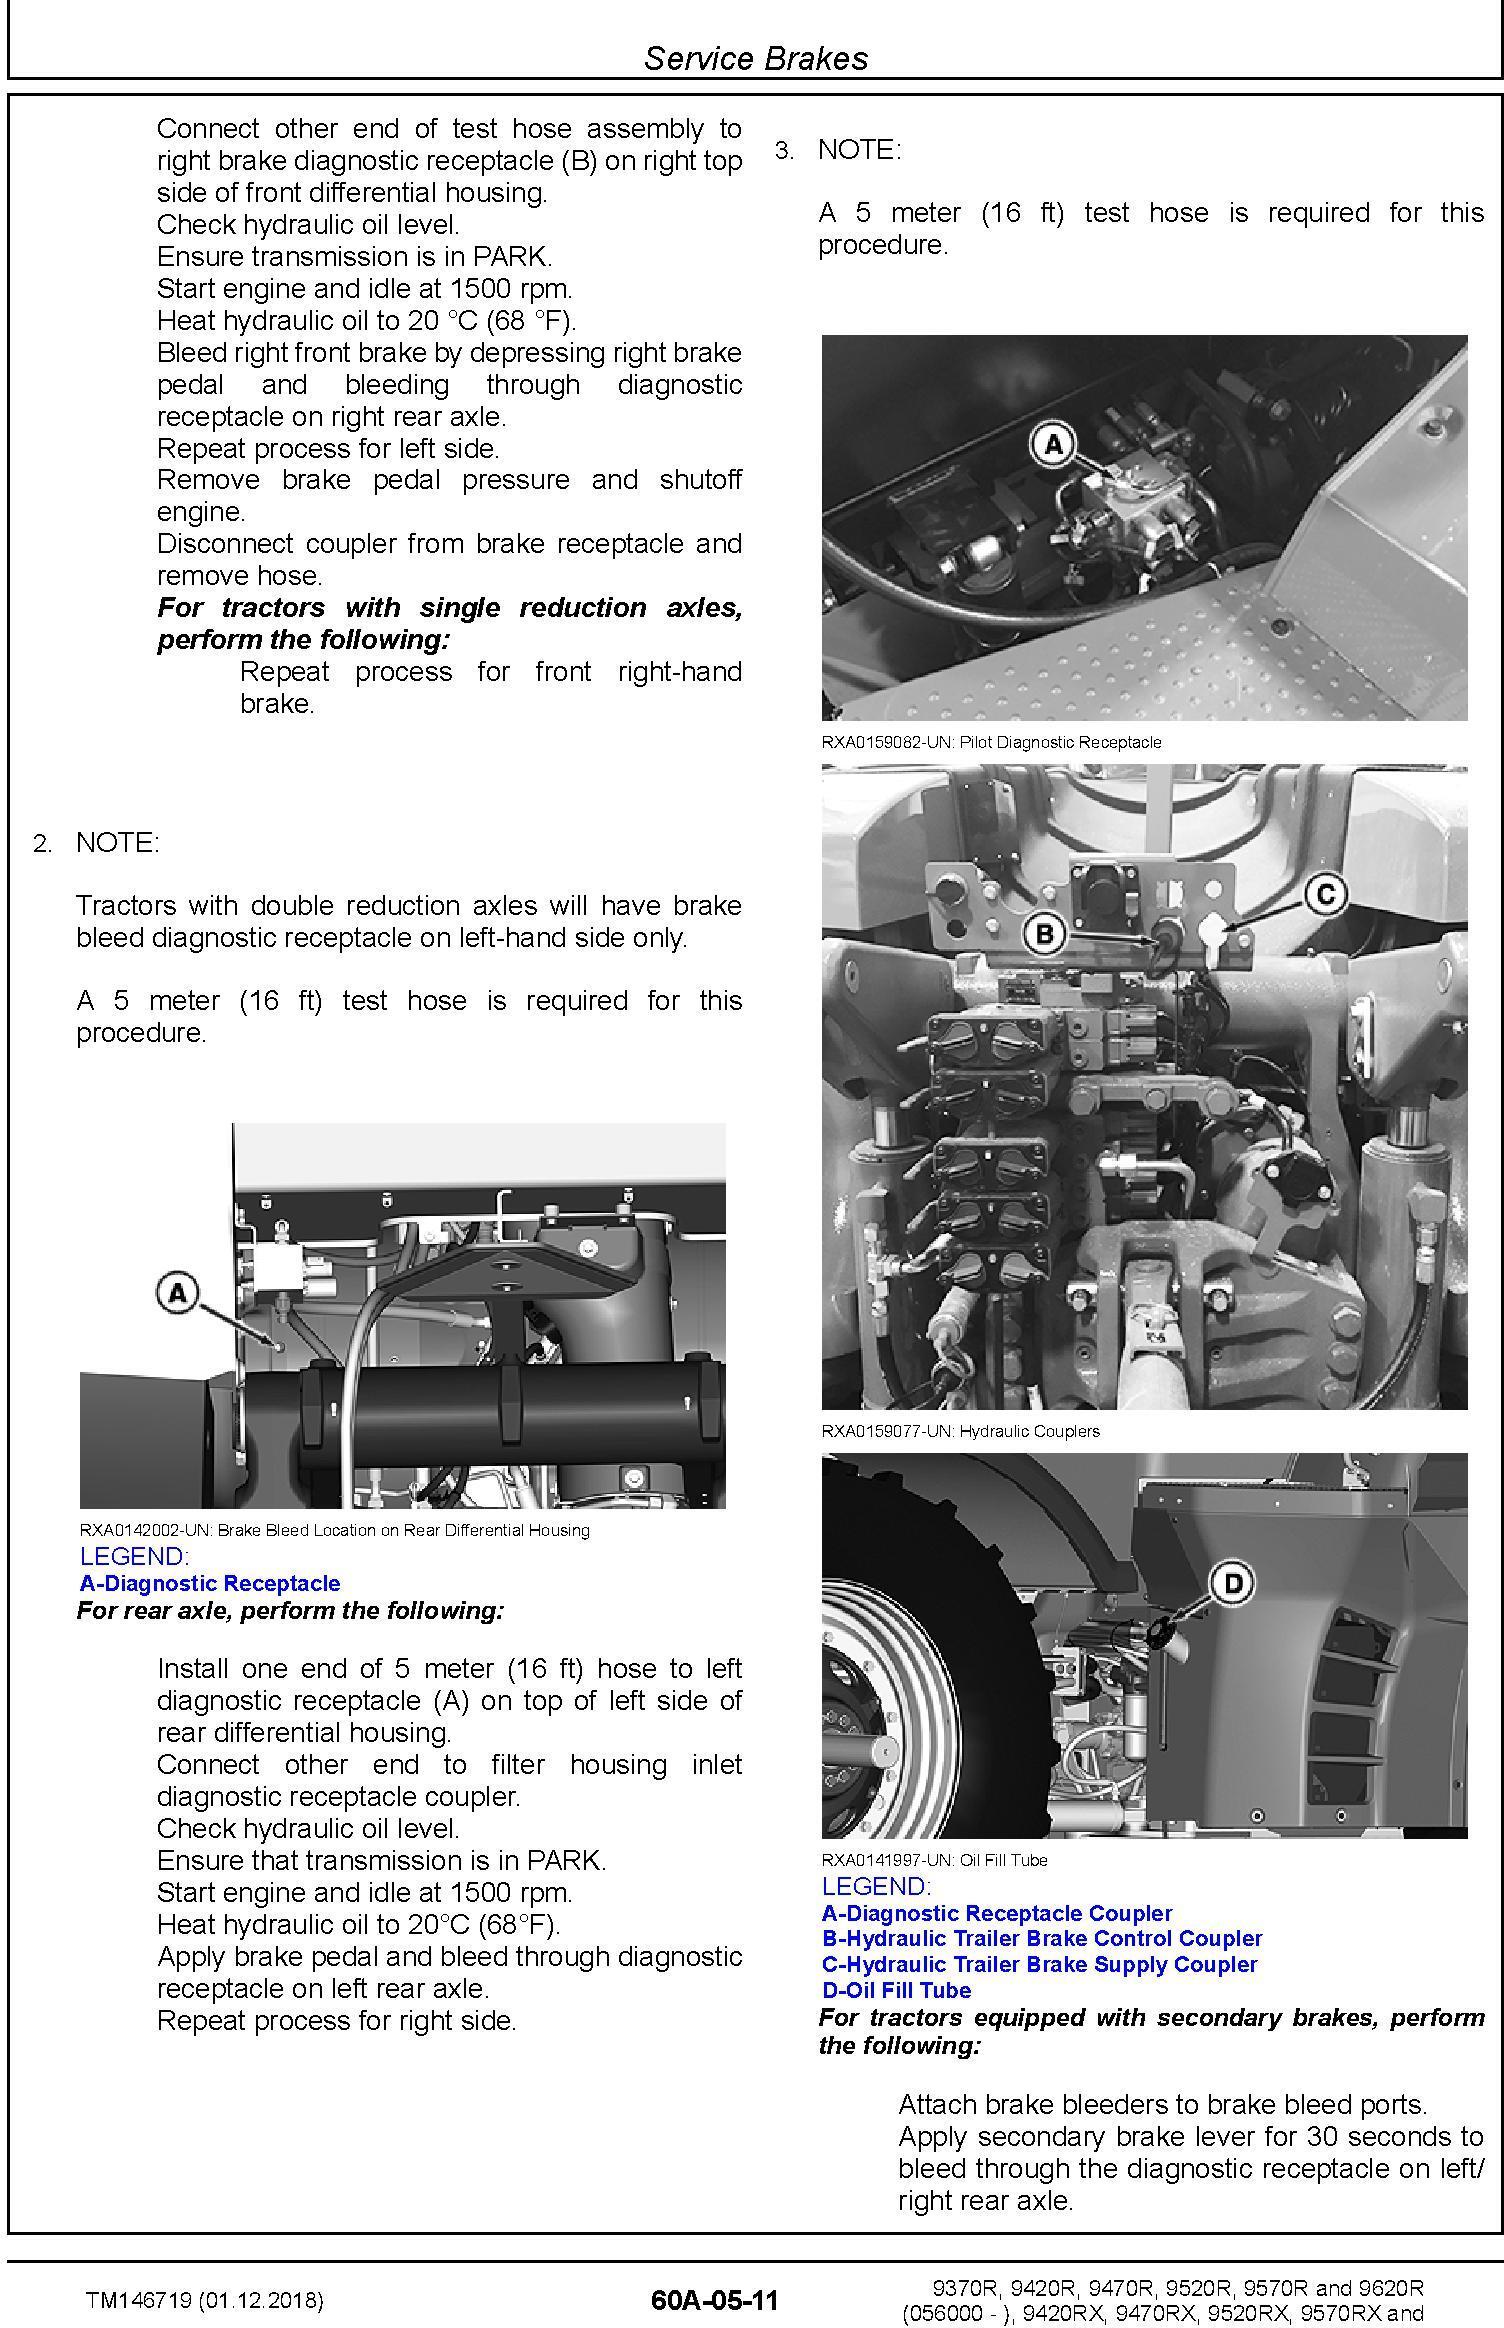 John Deere 9370R 9420R/RX 9470R/RX 9520R/RX 9570R/RX 9620R/RX Tractors Repair Manual (TM146719) - 3